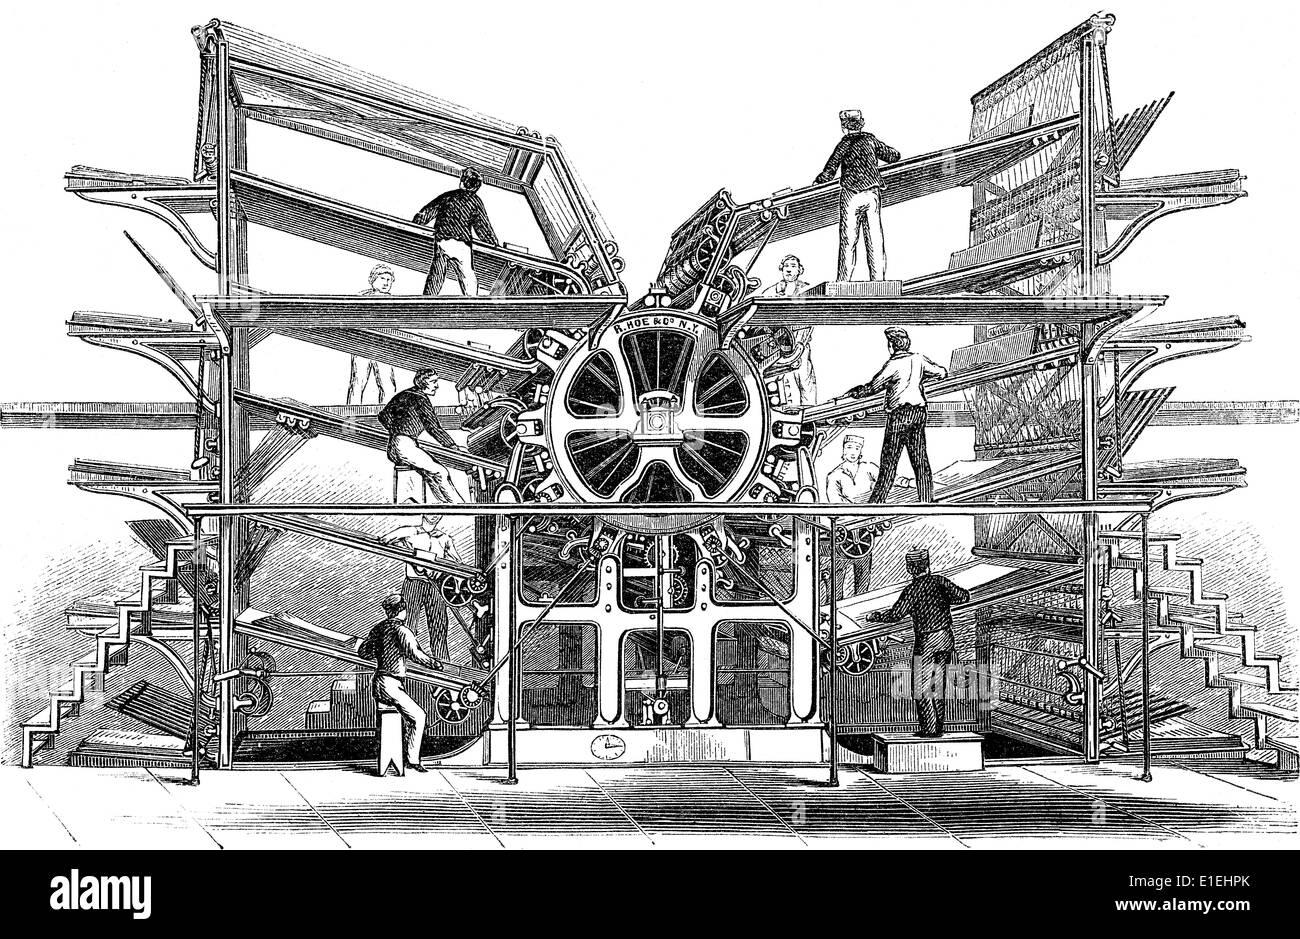 Illustrazione storica del XIX secolo, Hoe a 10 rotante del cilindro da stampa, Immagini Stock